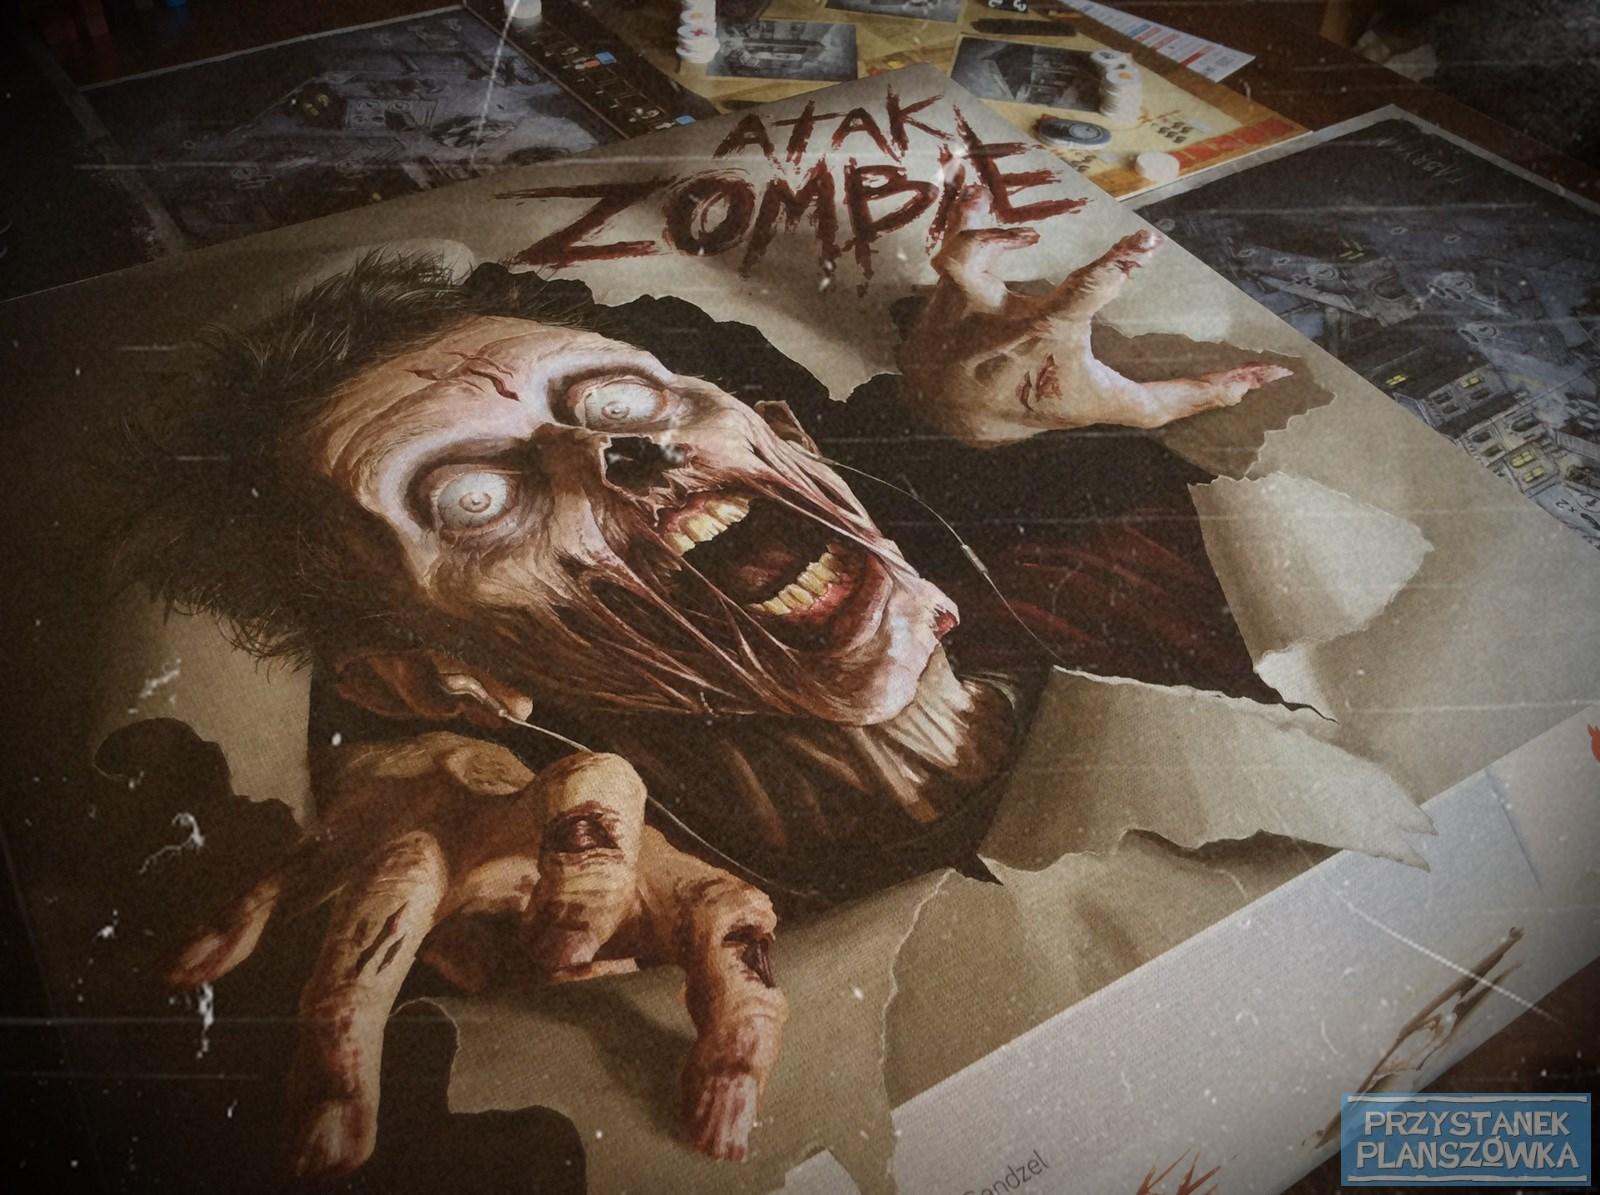 Atak Zombie 00